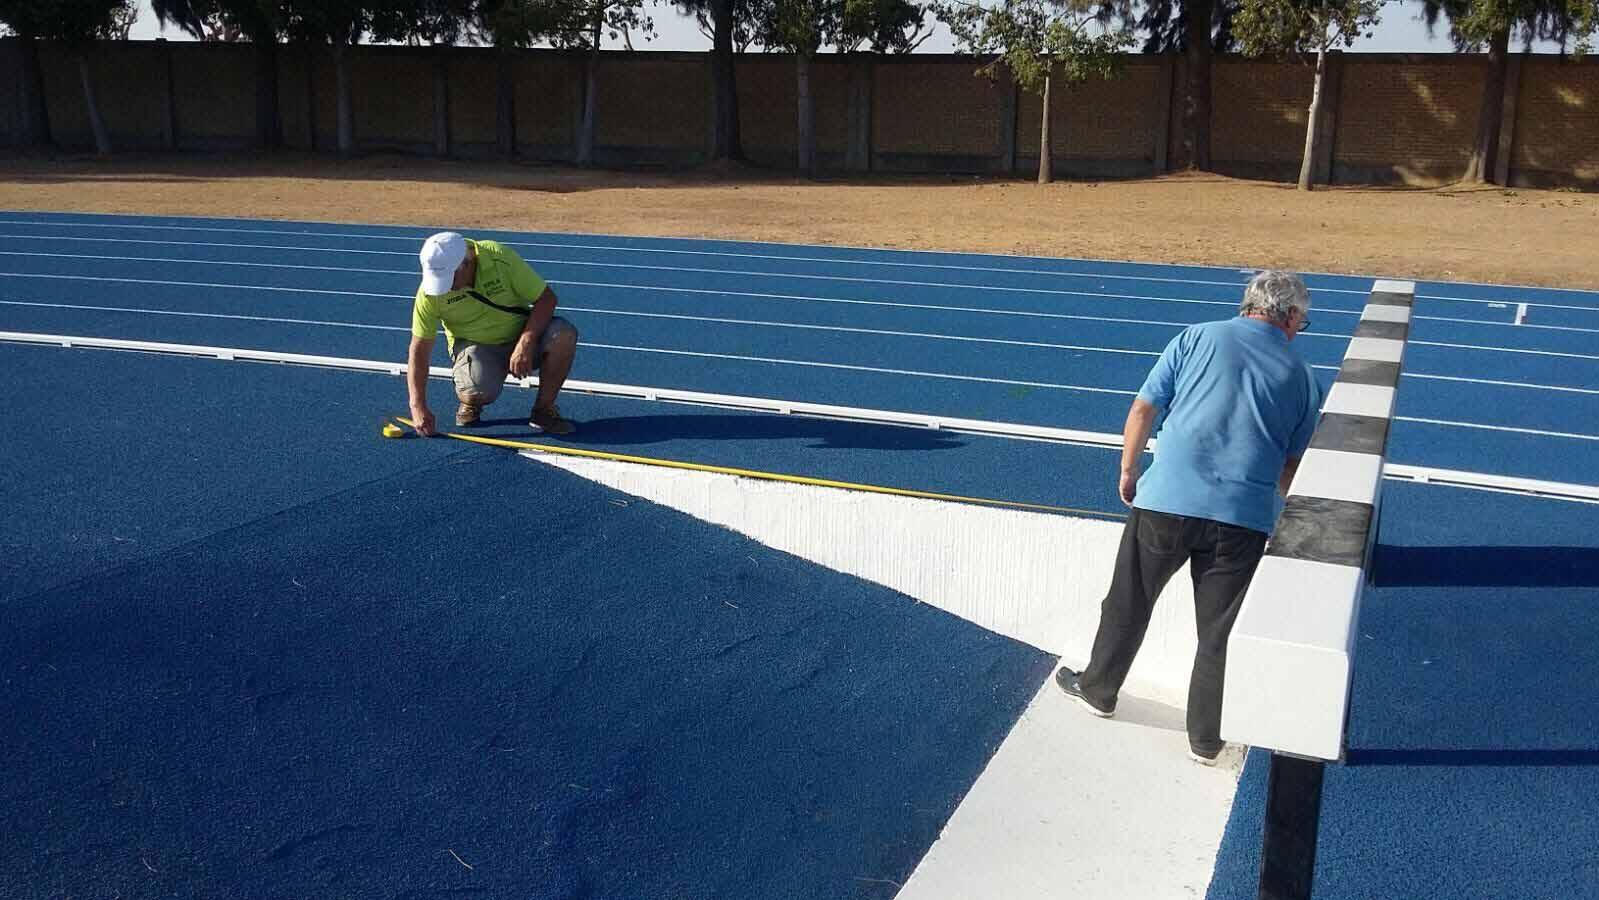 Se abre una nueva y bonita etapa para el atletismo en Utrera